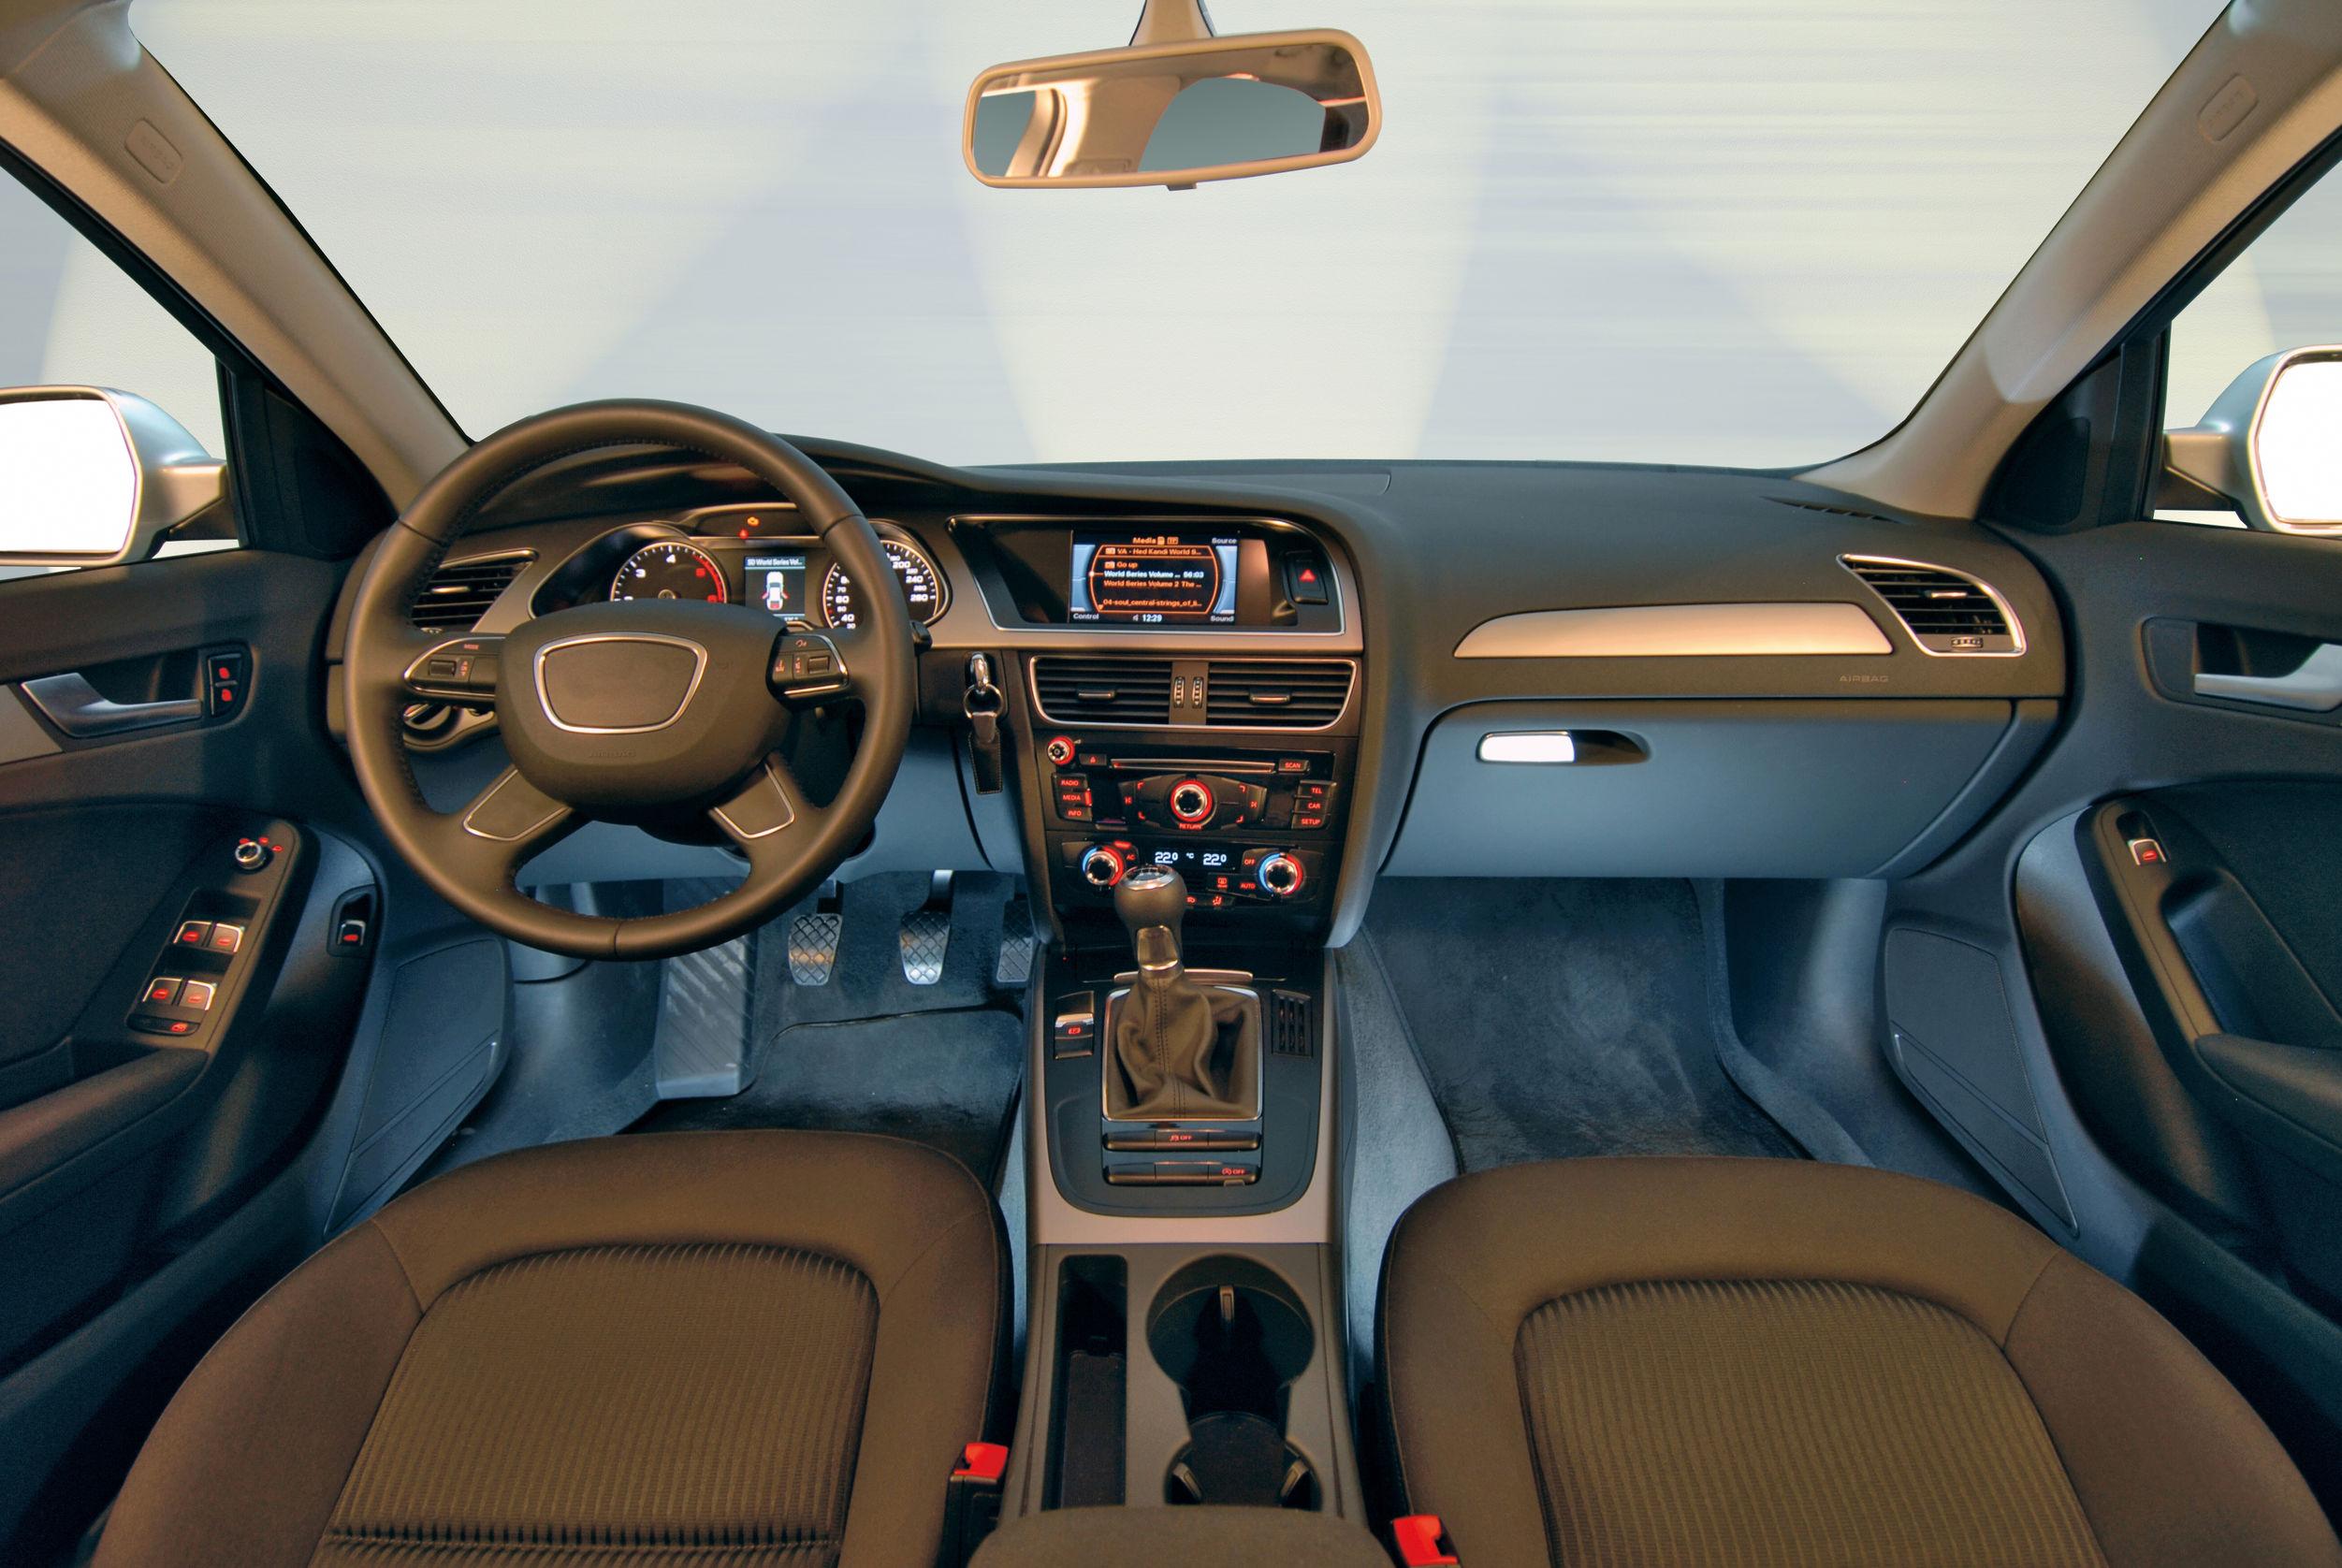 Autositzbezüge: Test & Empfehlungen (05/21)